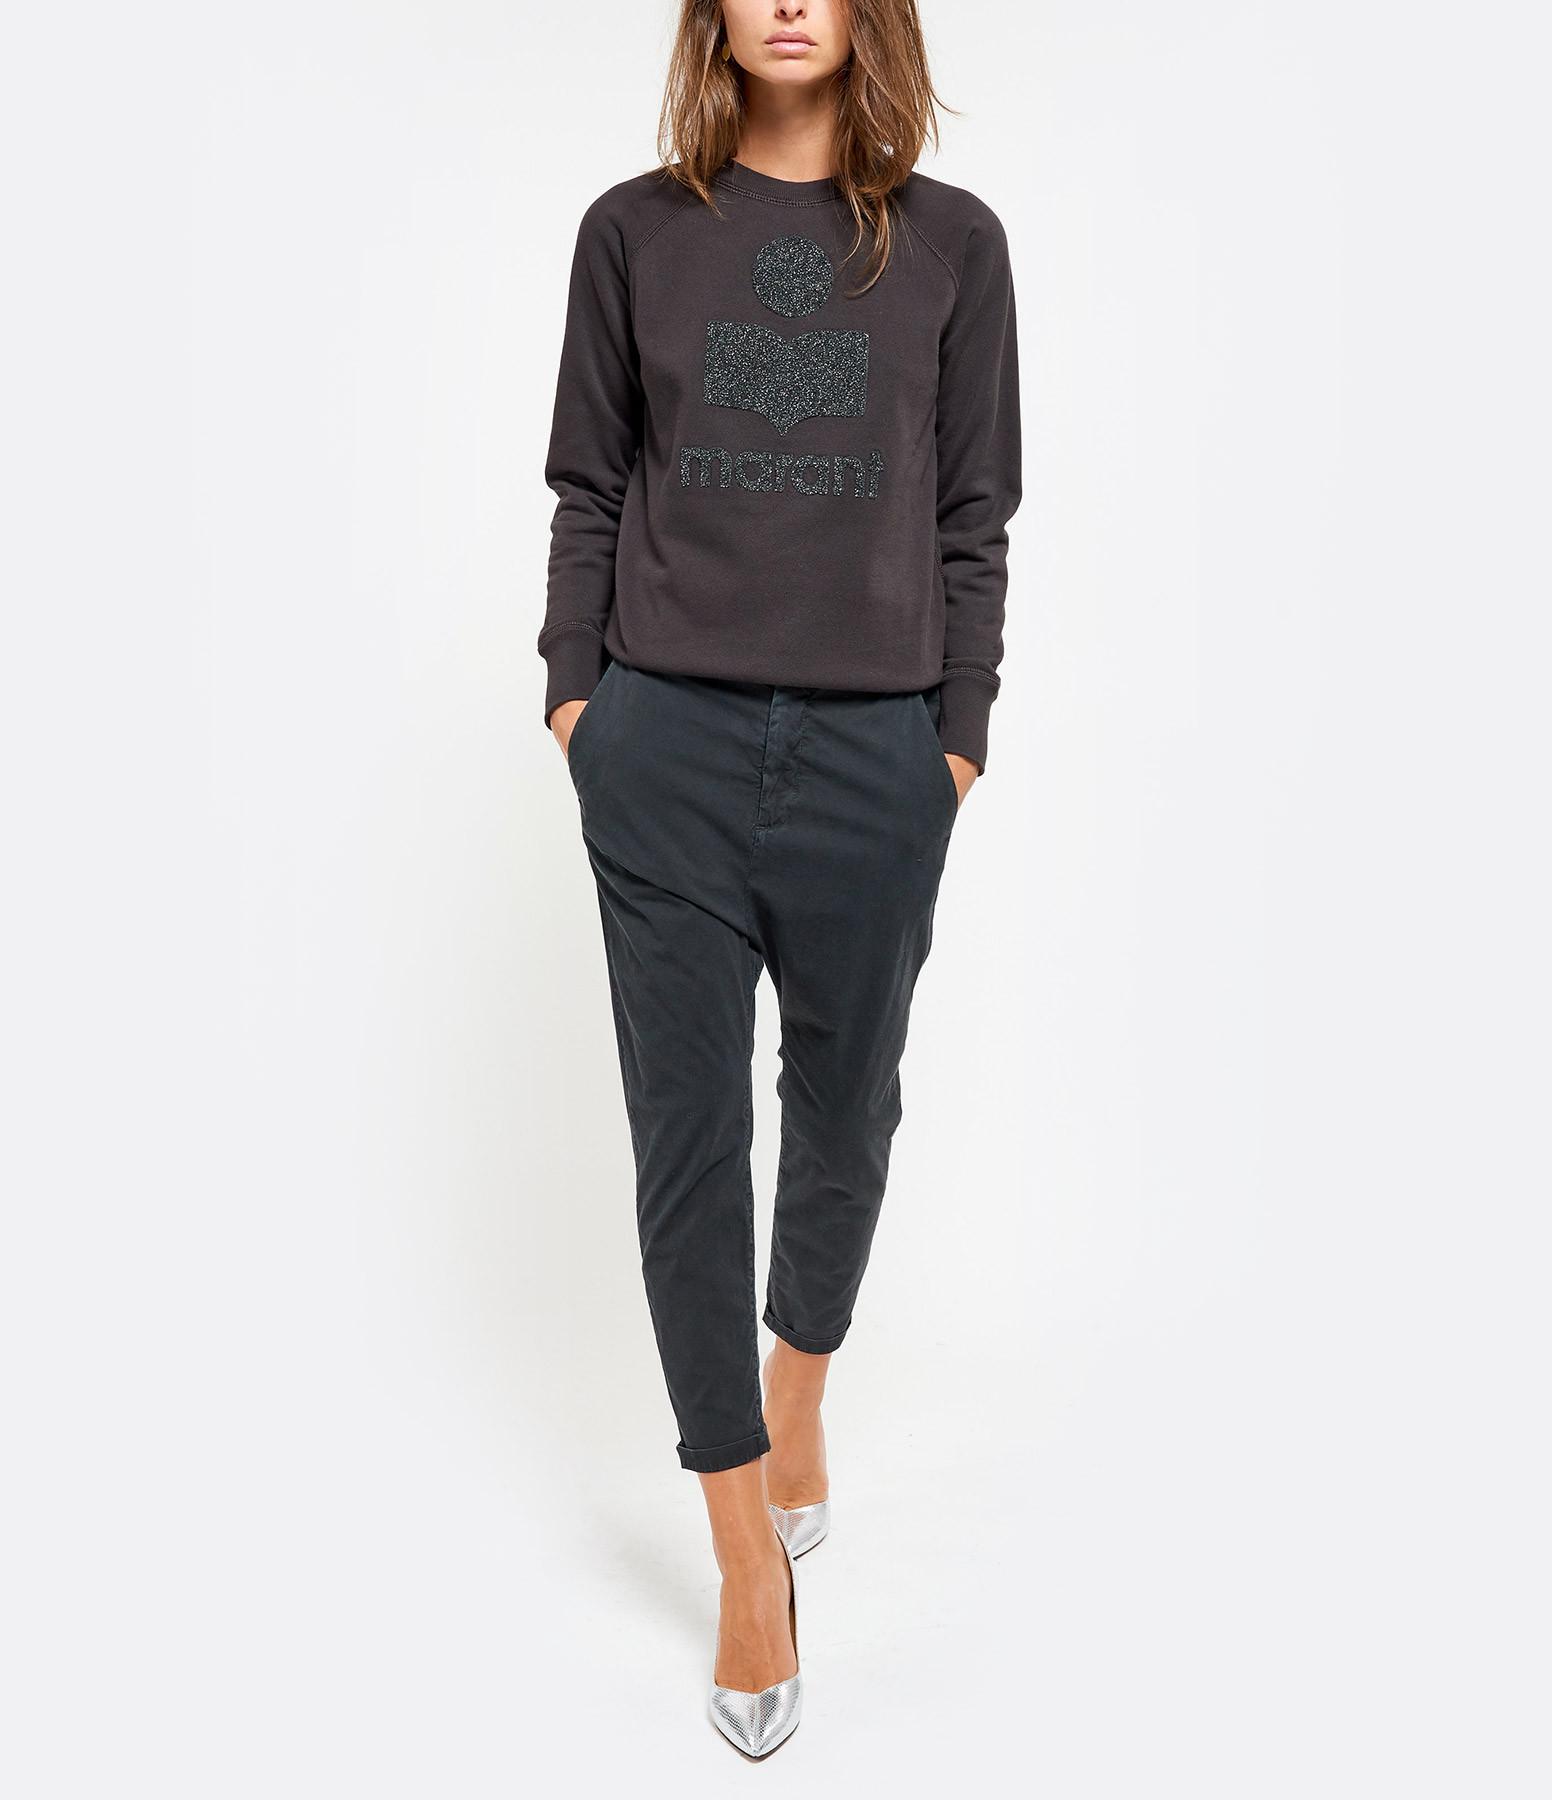 ISABEL MARANT ÉTOILE - Sweatshirt Milly Coton Noir Argenté